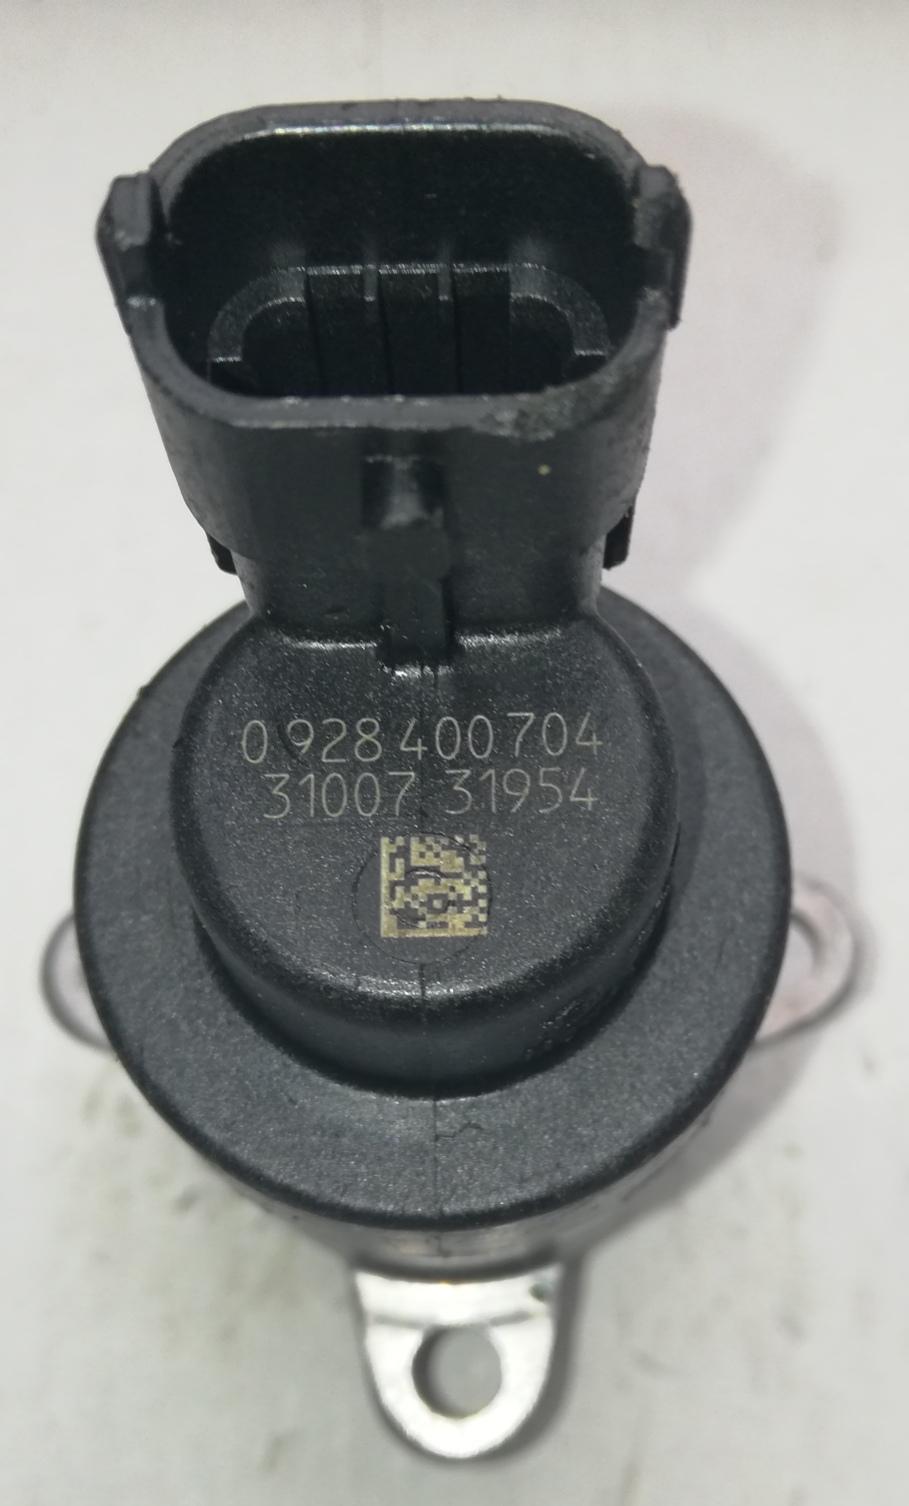 Nowy zawór regulacji ciśnienia 0928400704